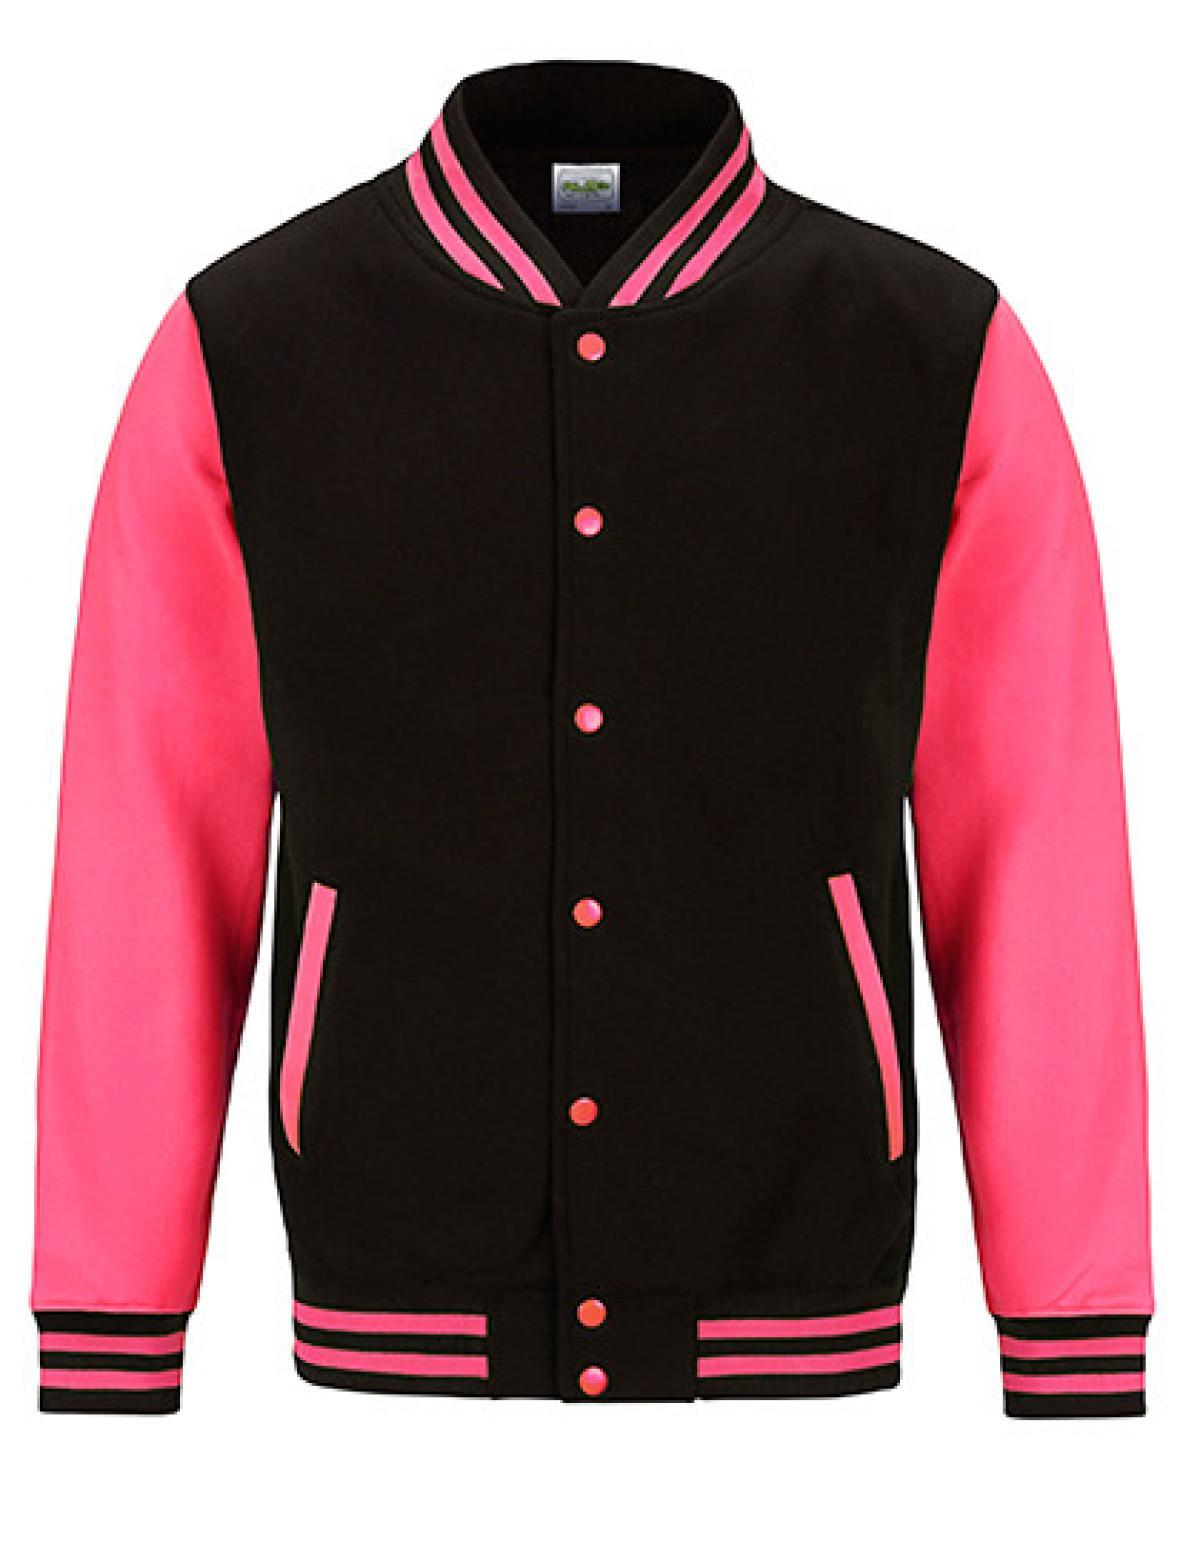 electric varsity jacket damen college jacke wrap rexlander s. Black Bedroom Furniture Sets. Home Design Ideas